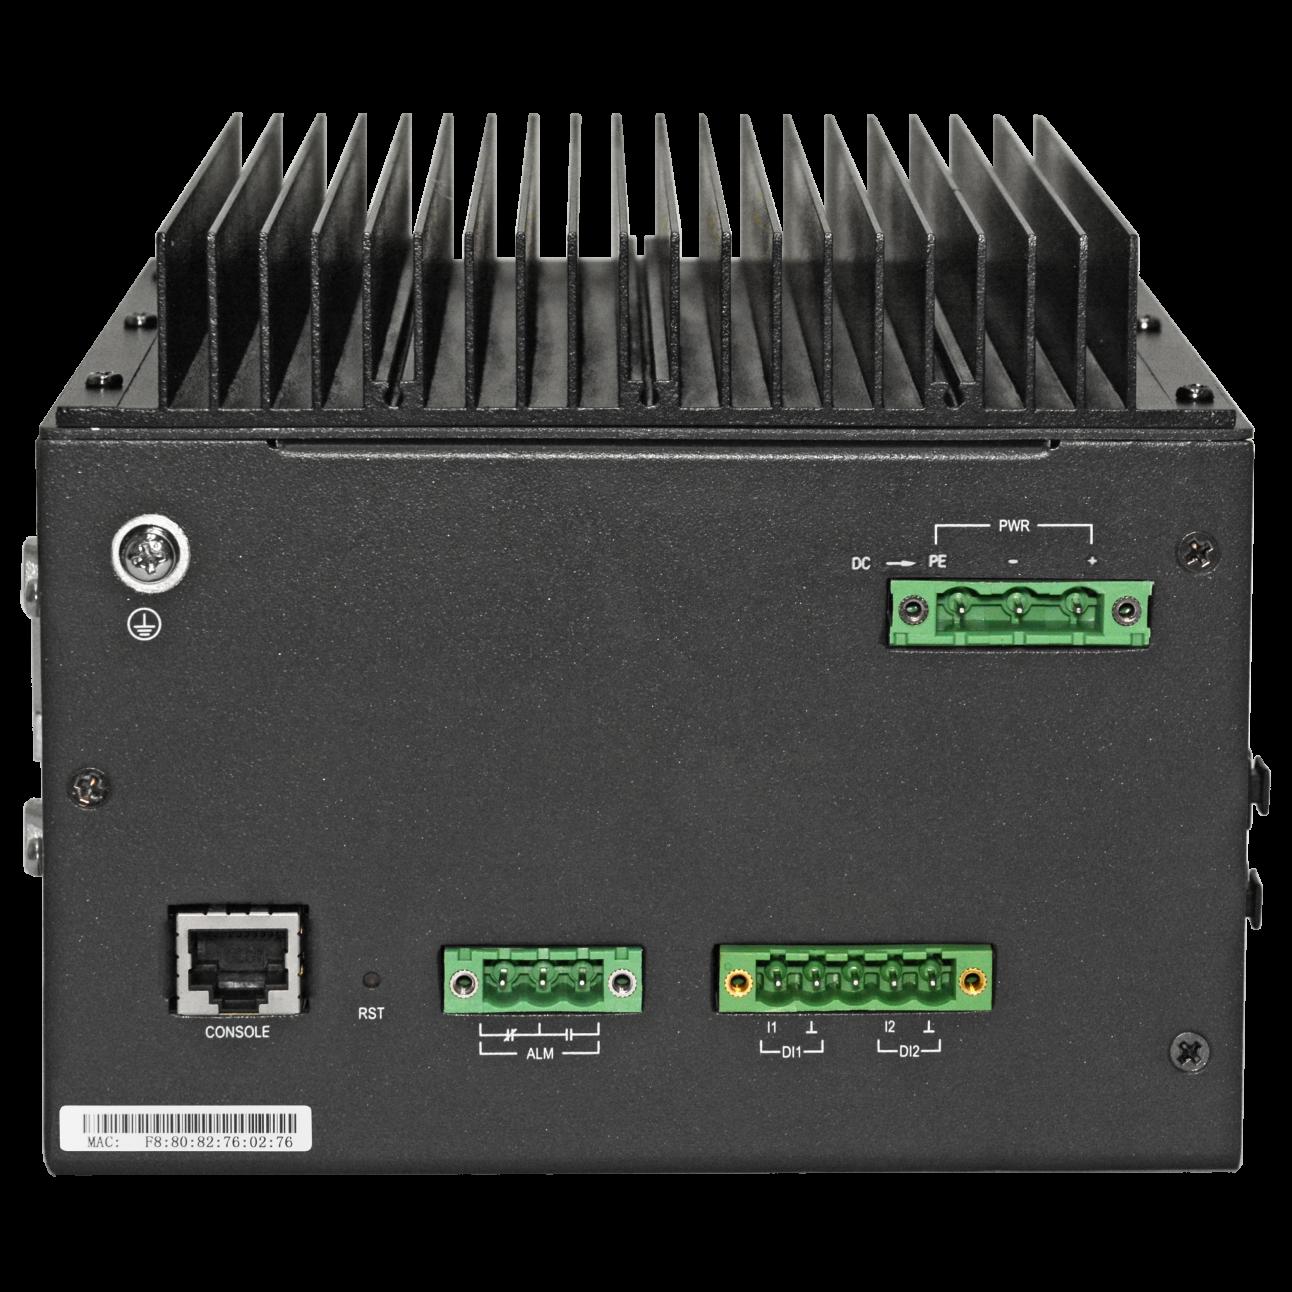 Управляемый промышленный POE коммутатор уровня 2 SNR-S212i-8POE-DC